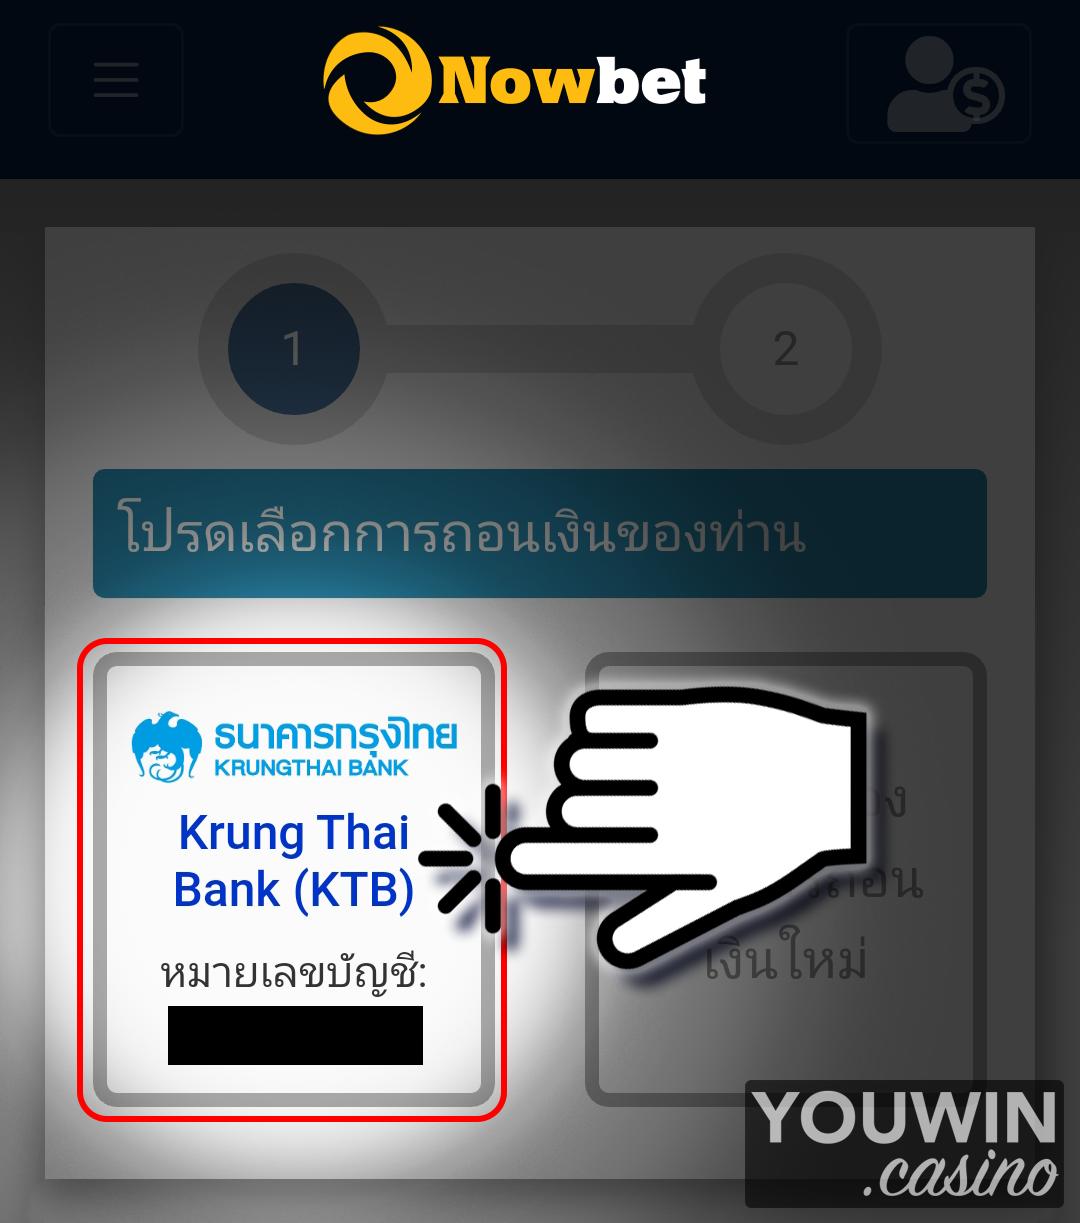 วิธีถอนเงิน กับ ระบบการเงินอัตโนมัติ ของ NOWBET มี Info Graphic เข้าใจง่าย